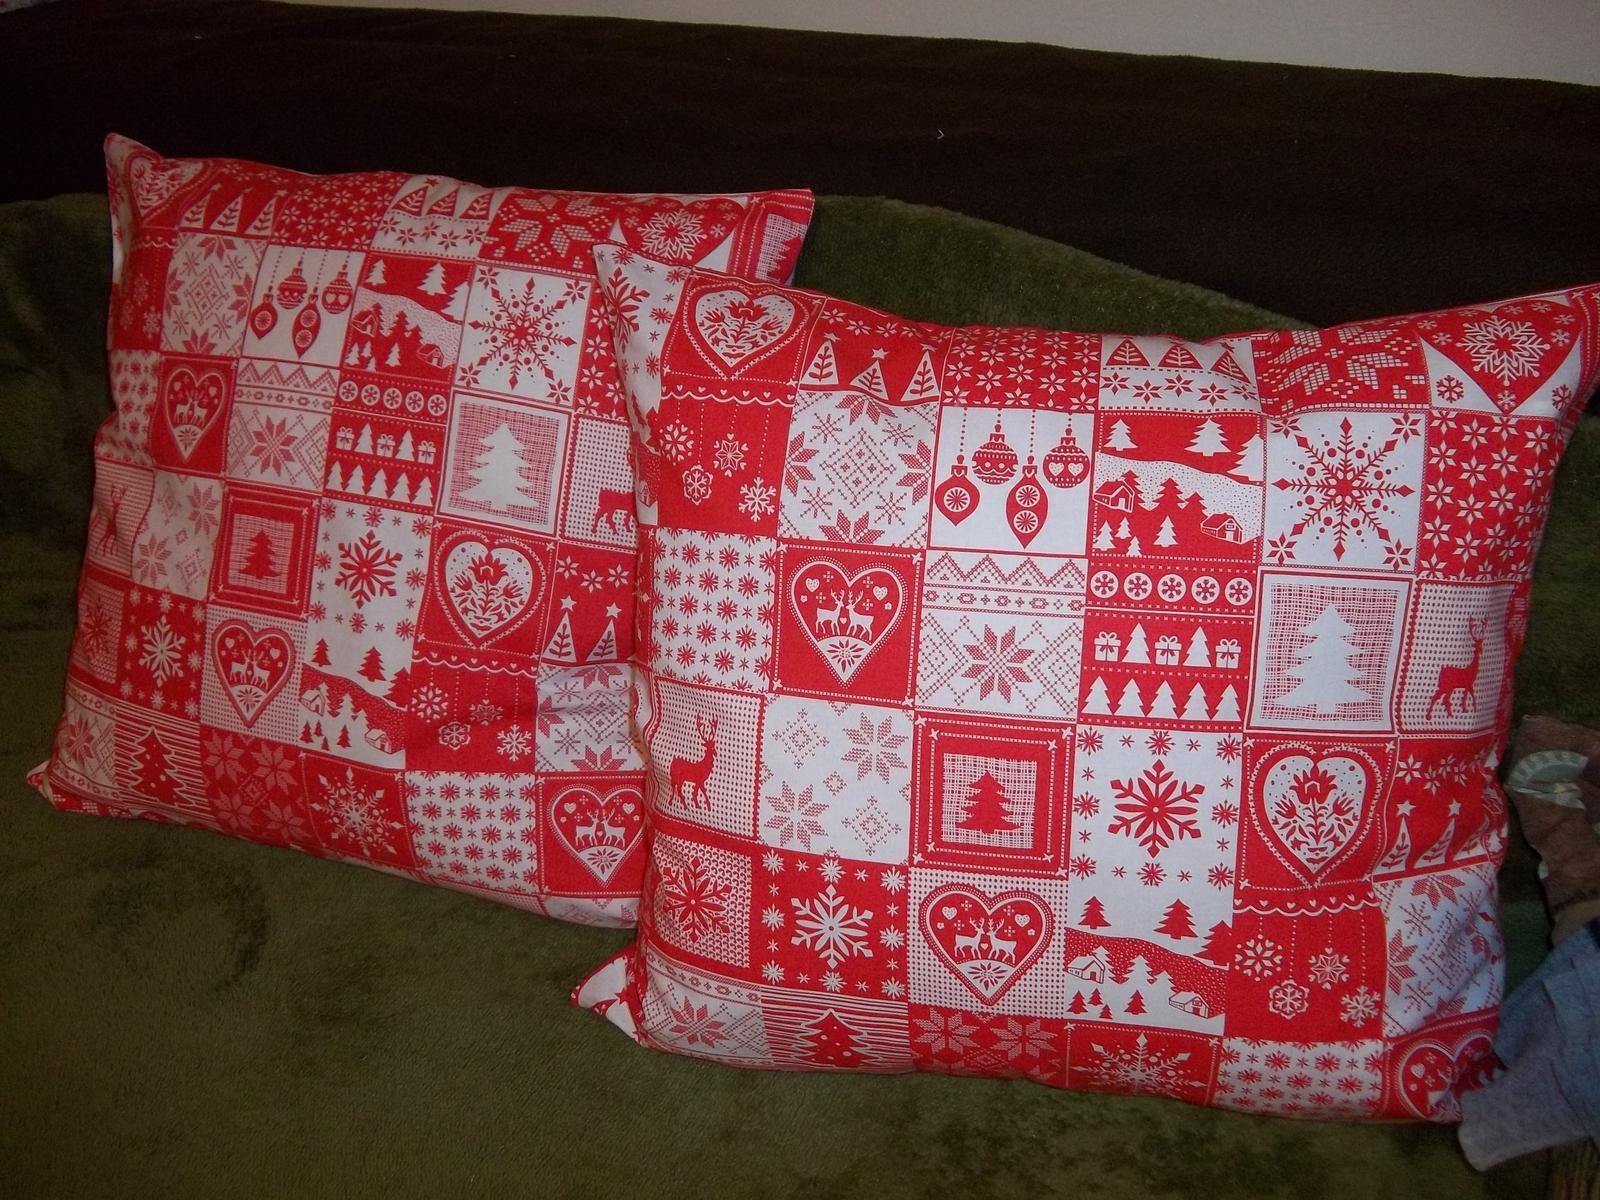 Sada dvoch väčších vianočných obliečok,cena s poštovným - Obrázok č. 4